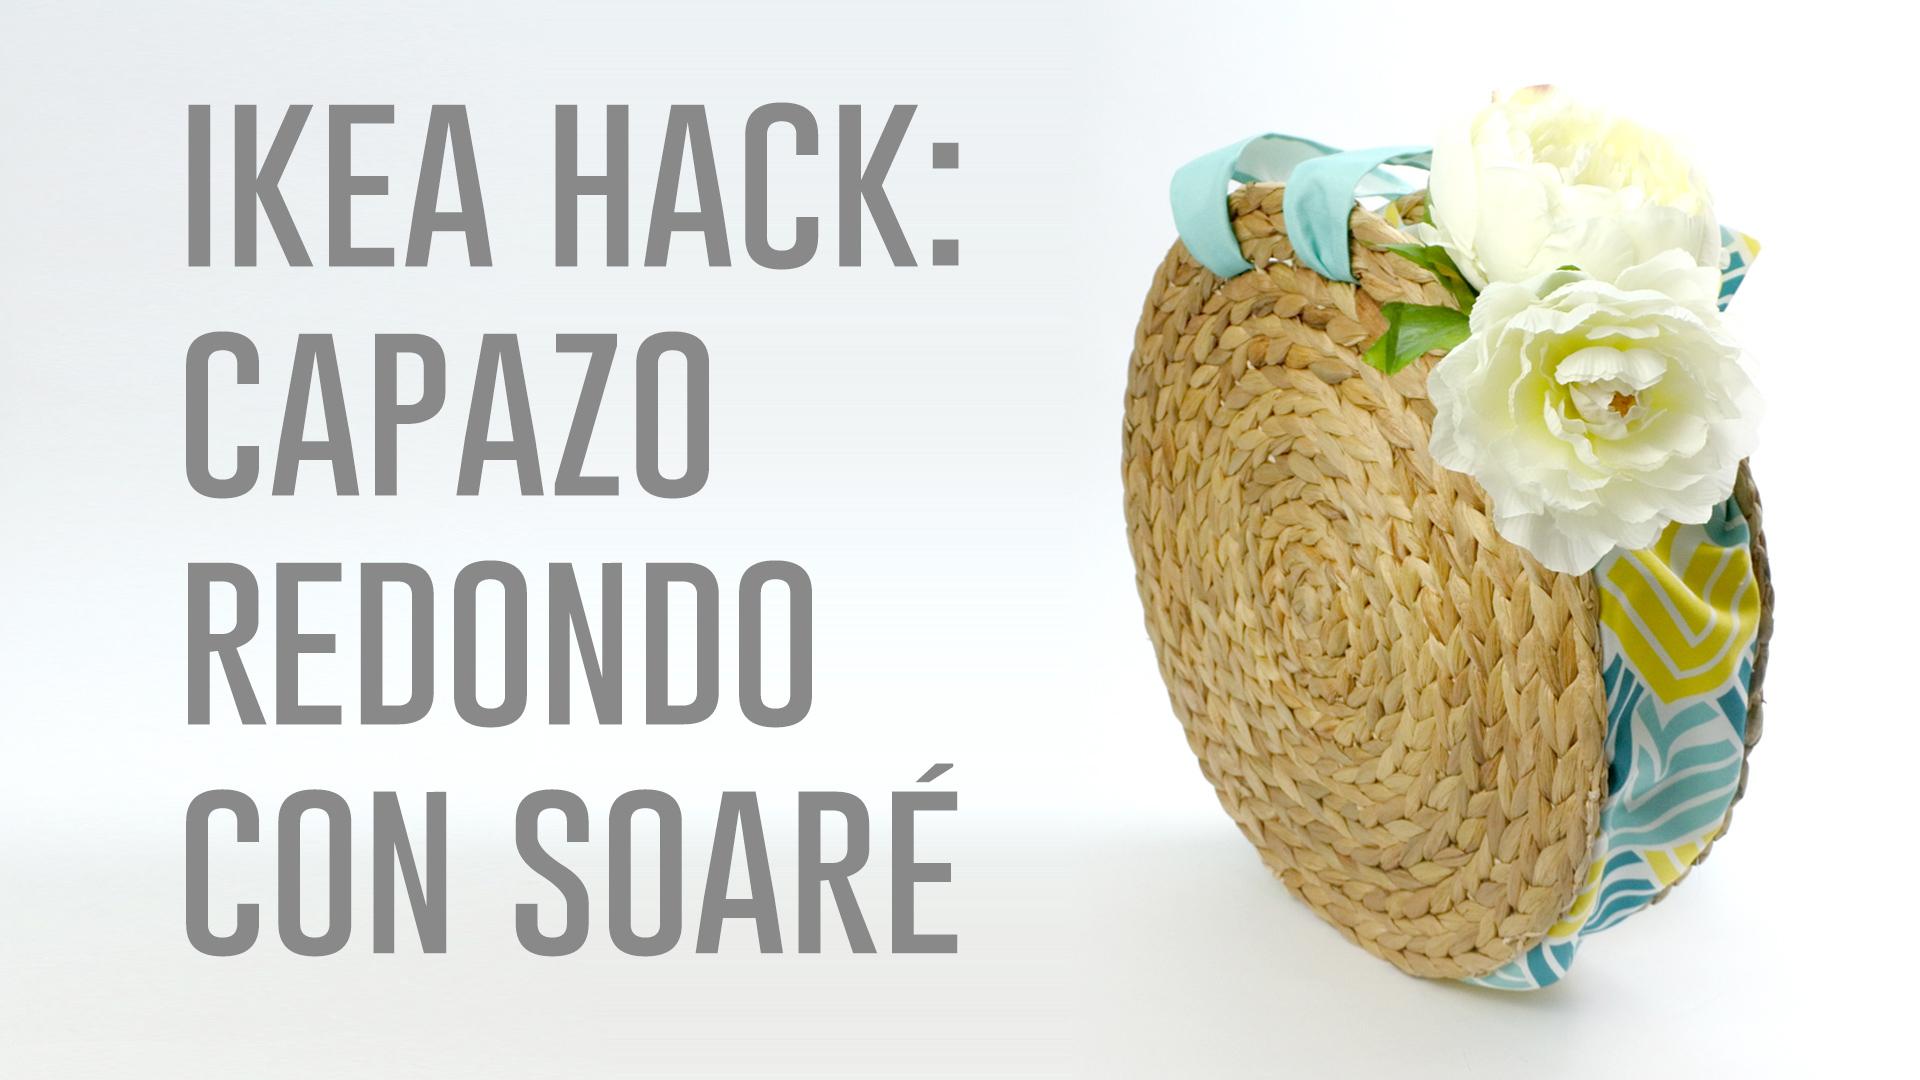 JIPIJAPAS_IKEA_HACK_CAPAZO_REDONDO_SOARE_IMG_00001